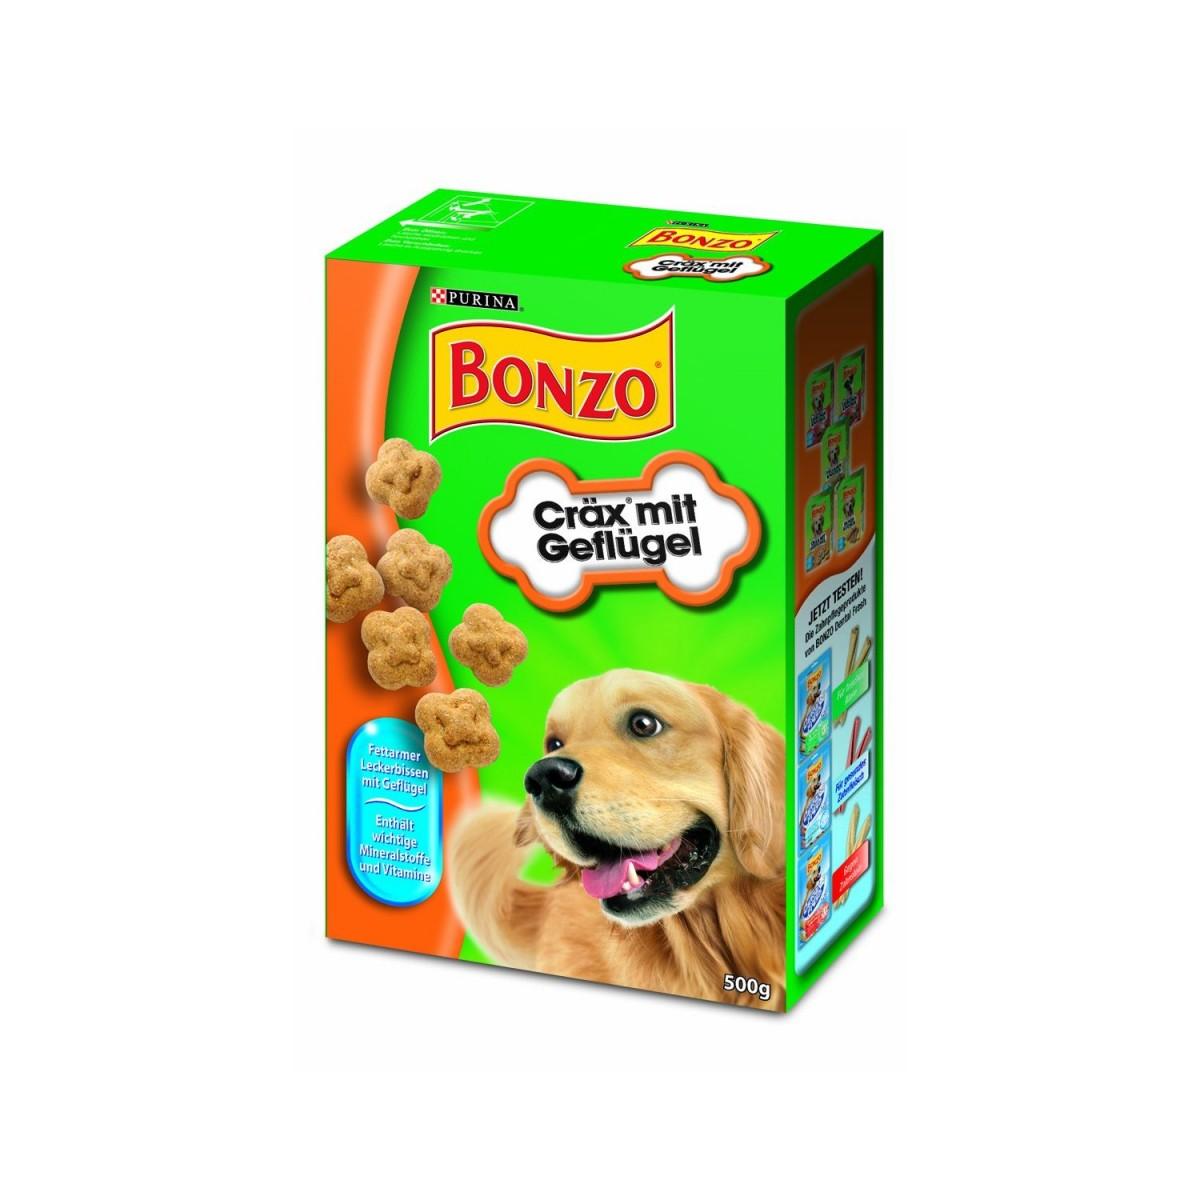 Bonzo Geflügel-Cräx | 500g Hundekekse